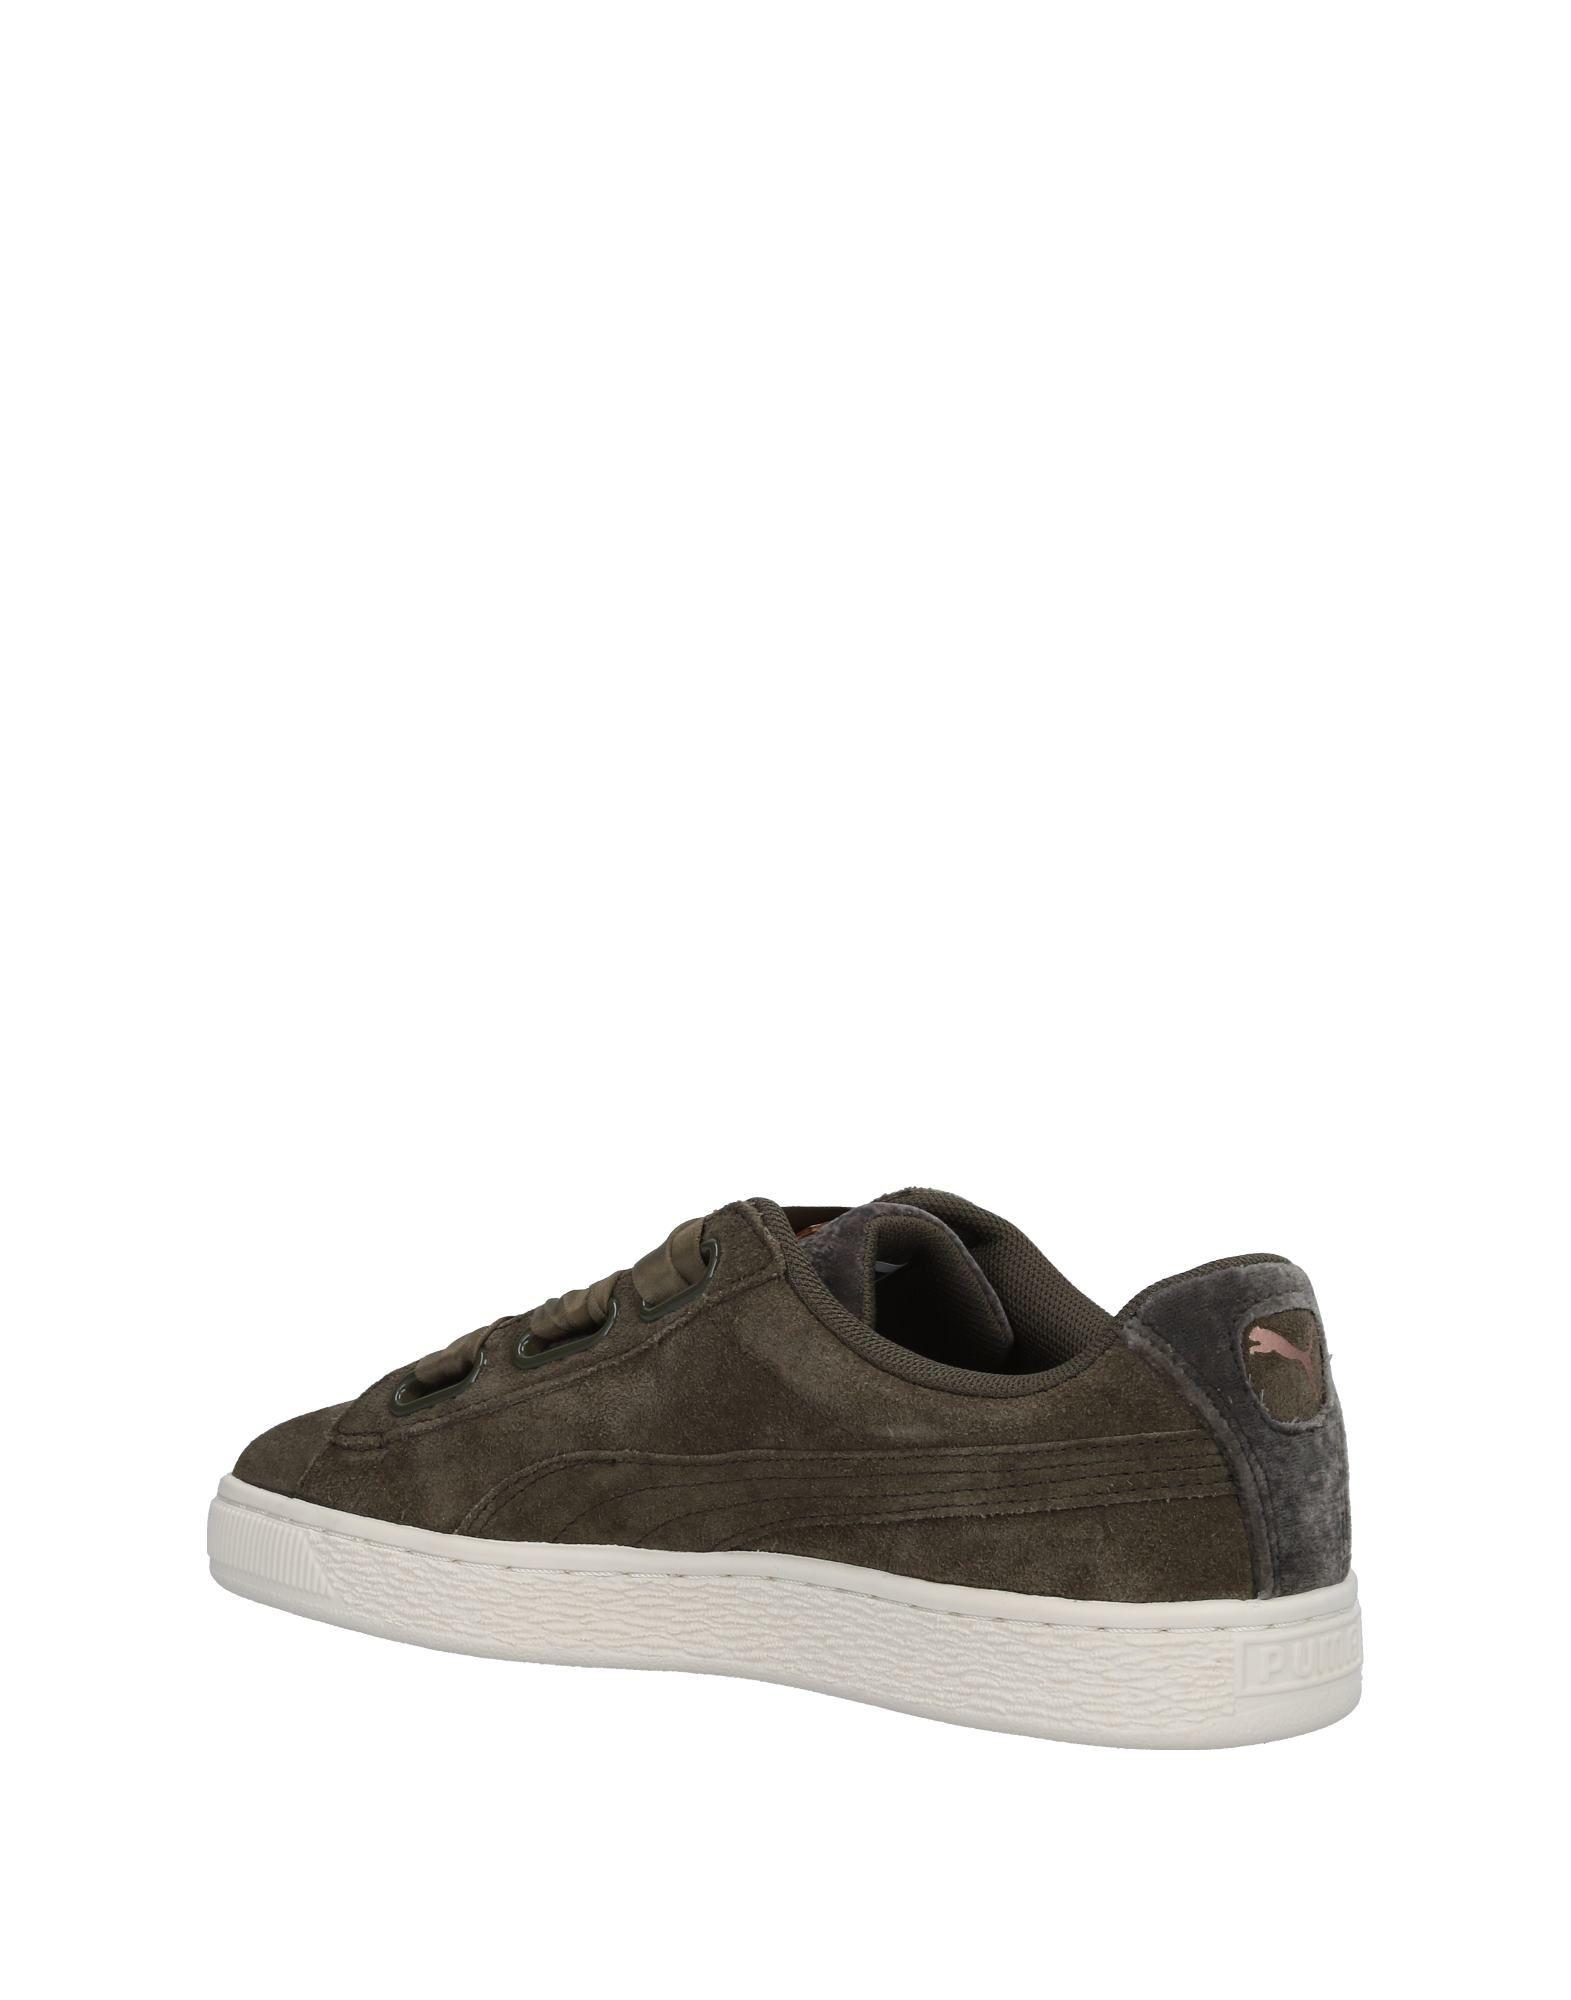 Puma Sneakers Damen  11495743DI   11495743DI a79ccb